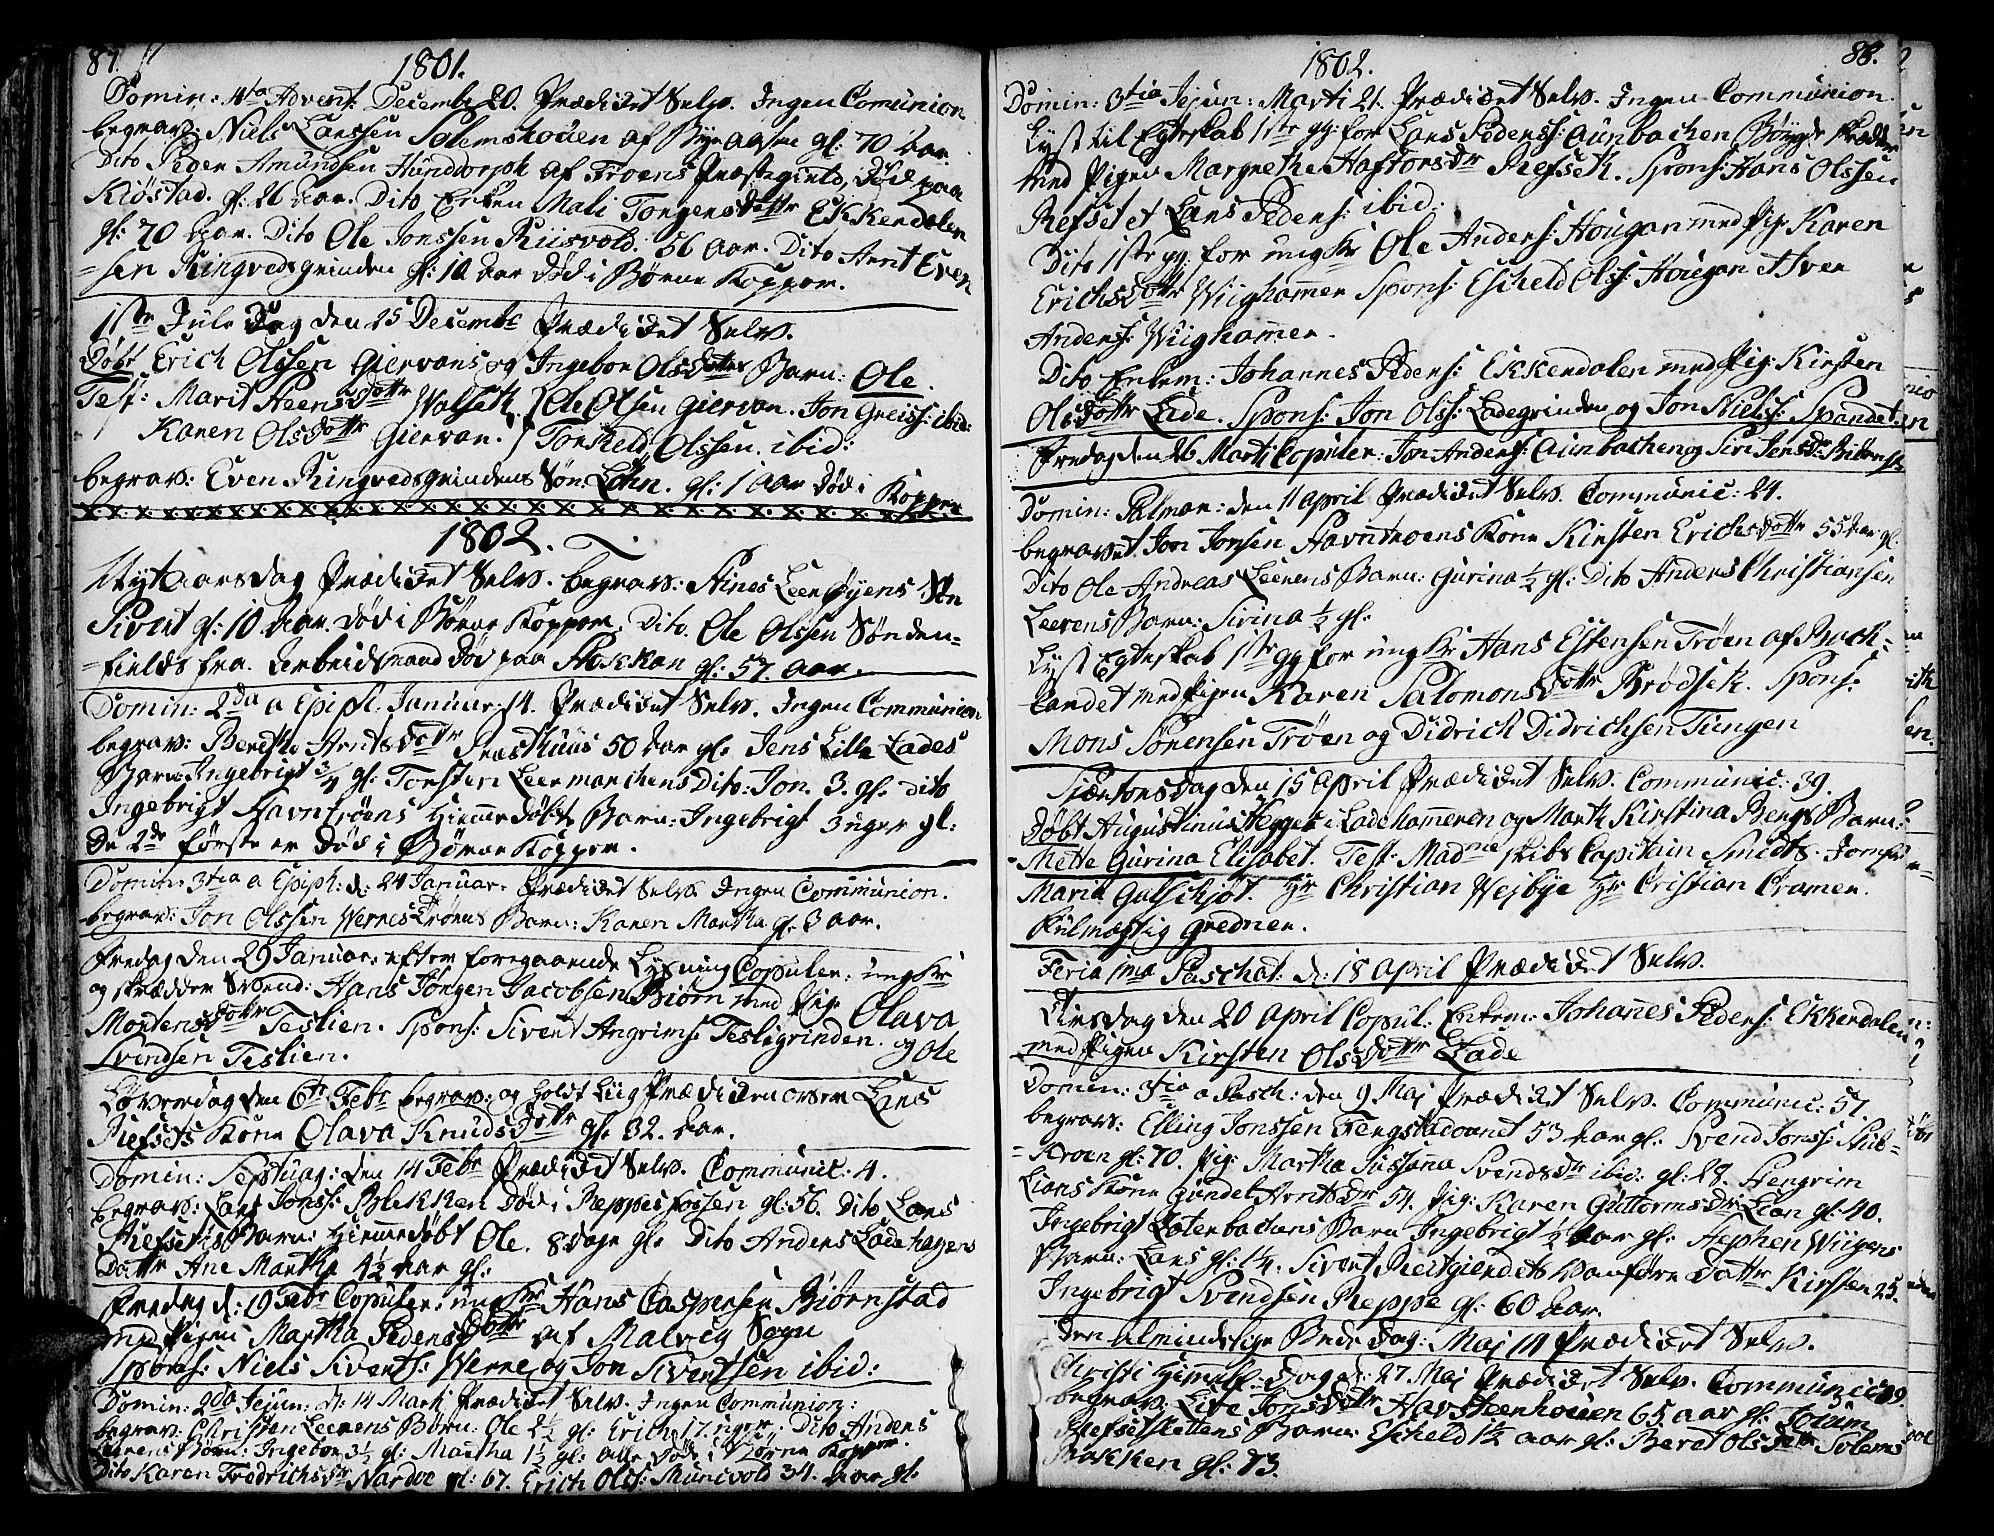 SAT, Ministerialprotokoller, klokkerbøker og fødselsregistre - Sør-Trøndelag, 606/L0280: Ministerialbok nr. 606A02 /1, 1781-1817, s. 87-88